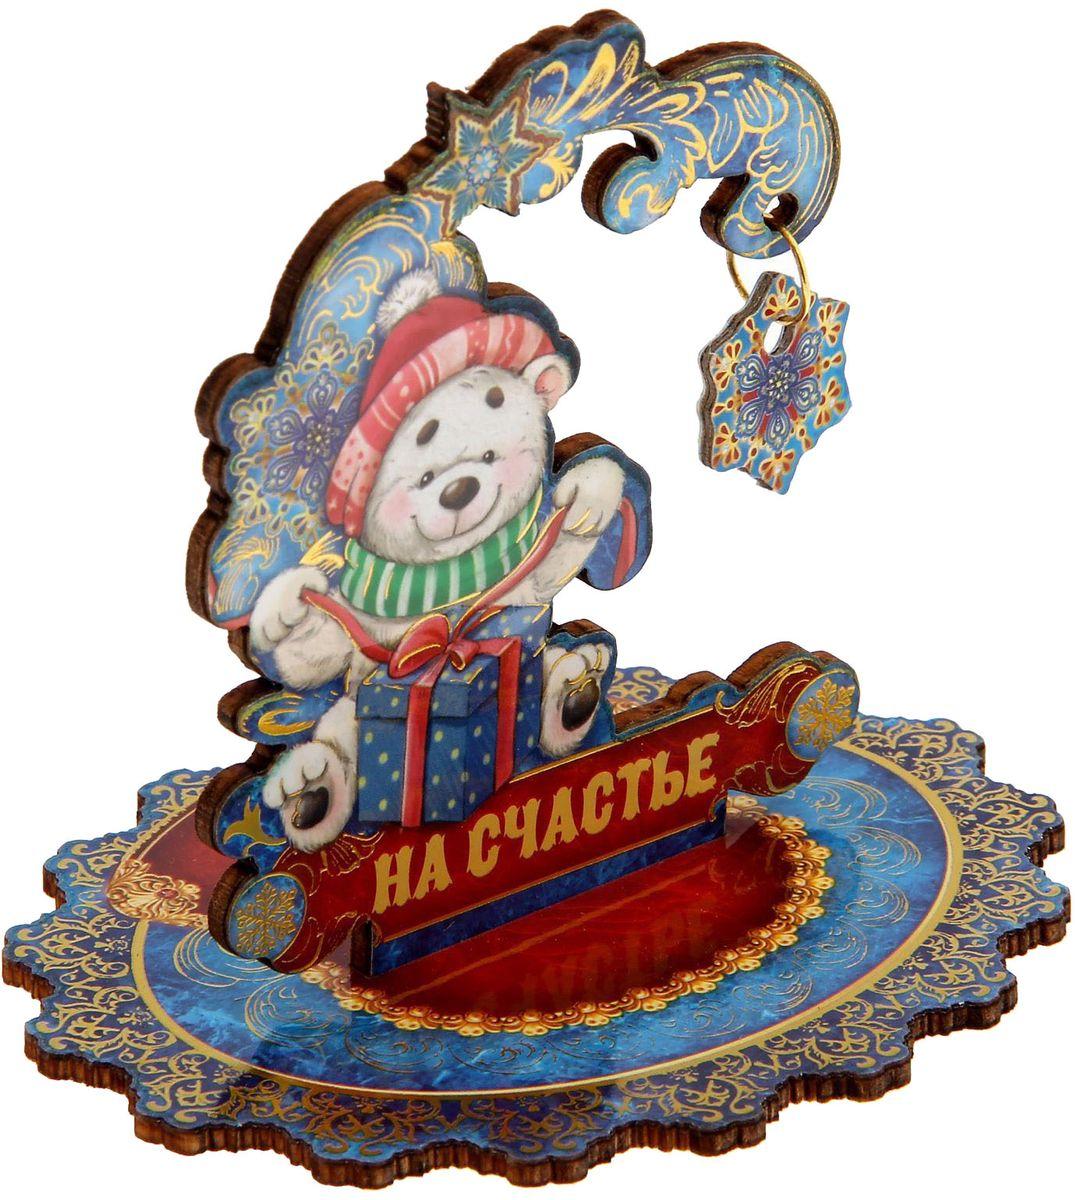 Оберег настольный Sima-land На счастье, цвет: синий, 7,3 х 8,6 см1433249Приближаются самые добрые и долгожданные праздники — Новый год и Рождество. Оберег Sima-land - это чудесный сувенир, способный привлечь счастье, успех и достаток, стоит лишь расположить его на рабочем столе дома или в офисе! Или носить с собой в качестве оберега. Такой подарок прекрасно впишется в любой интерьер и станет отличным атрибутом праздника, а также станет отличным оберегом своего хозяина.